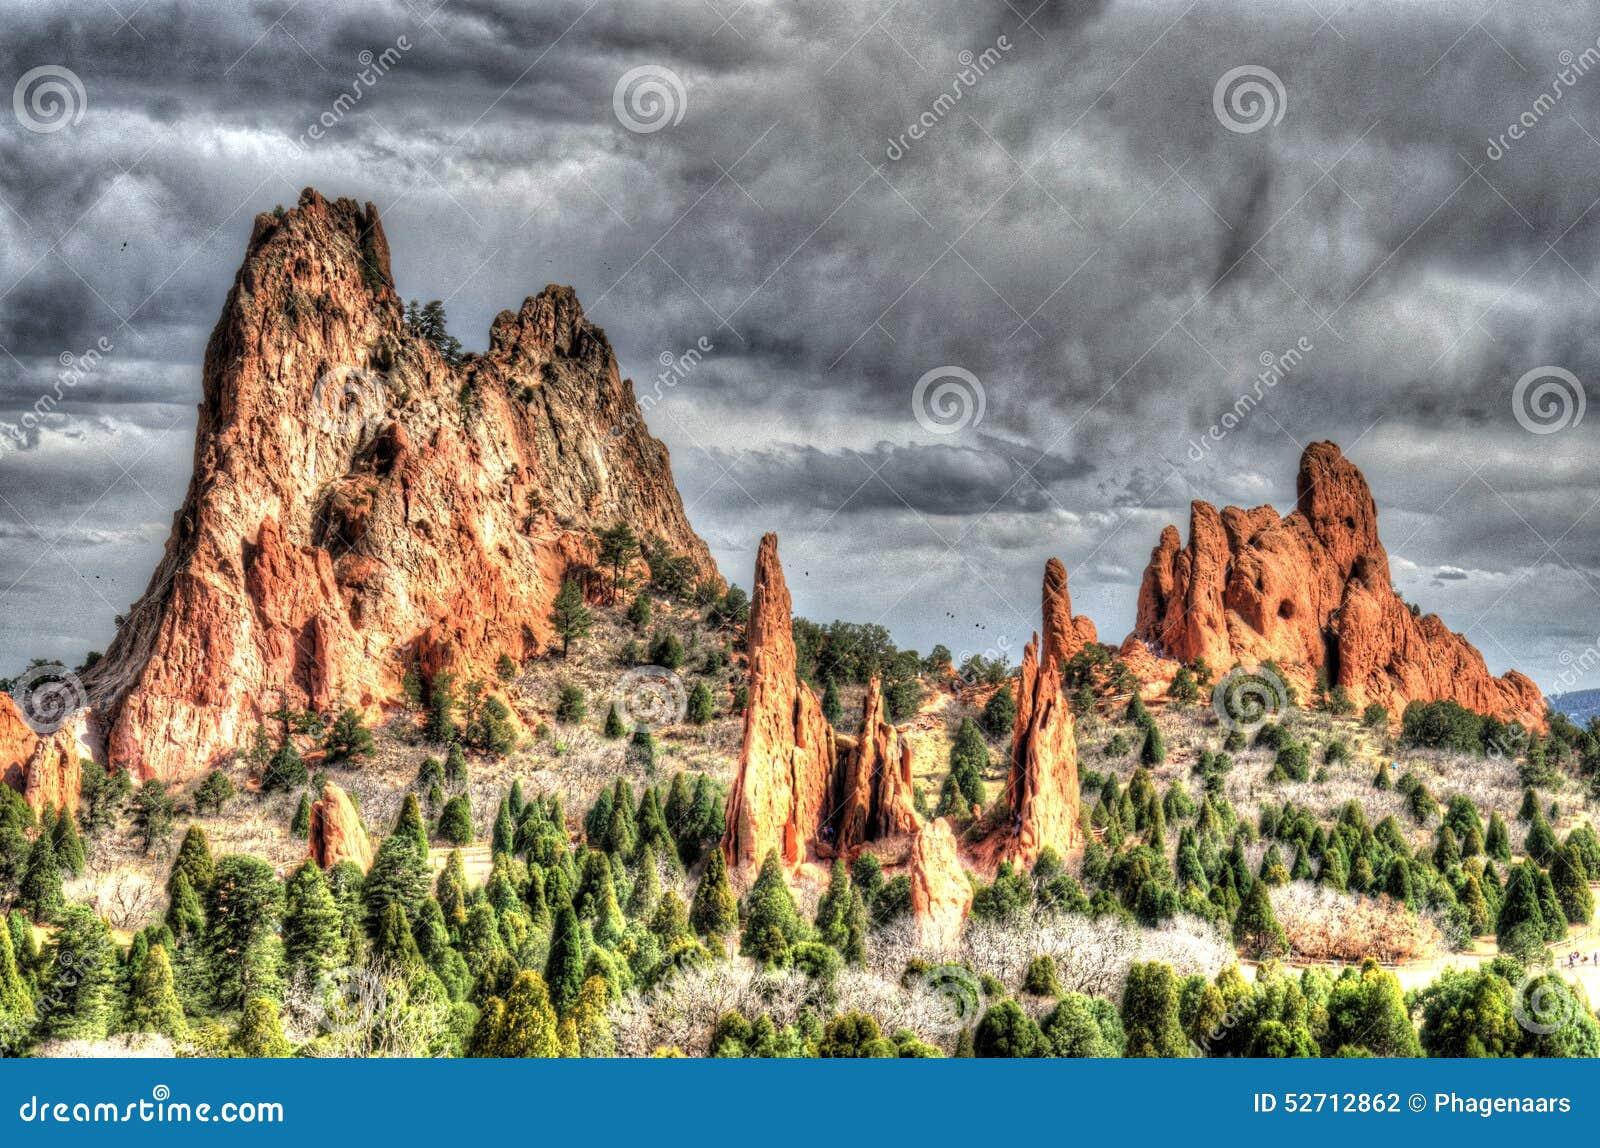 Garden Of The Gods Colorado Springs Royalty Free Stock Photography 13251161